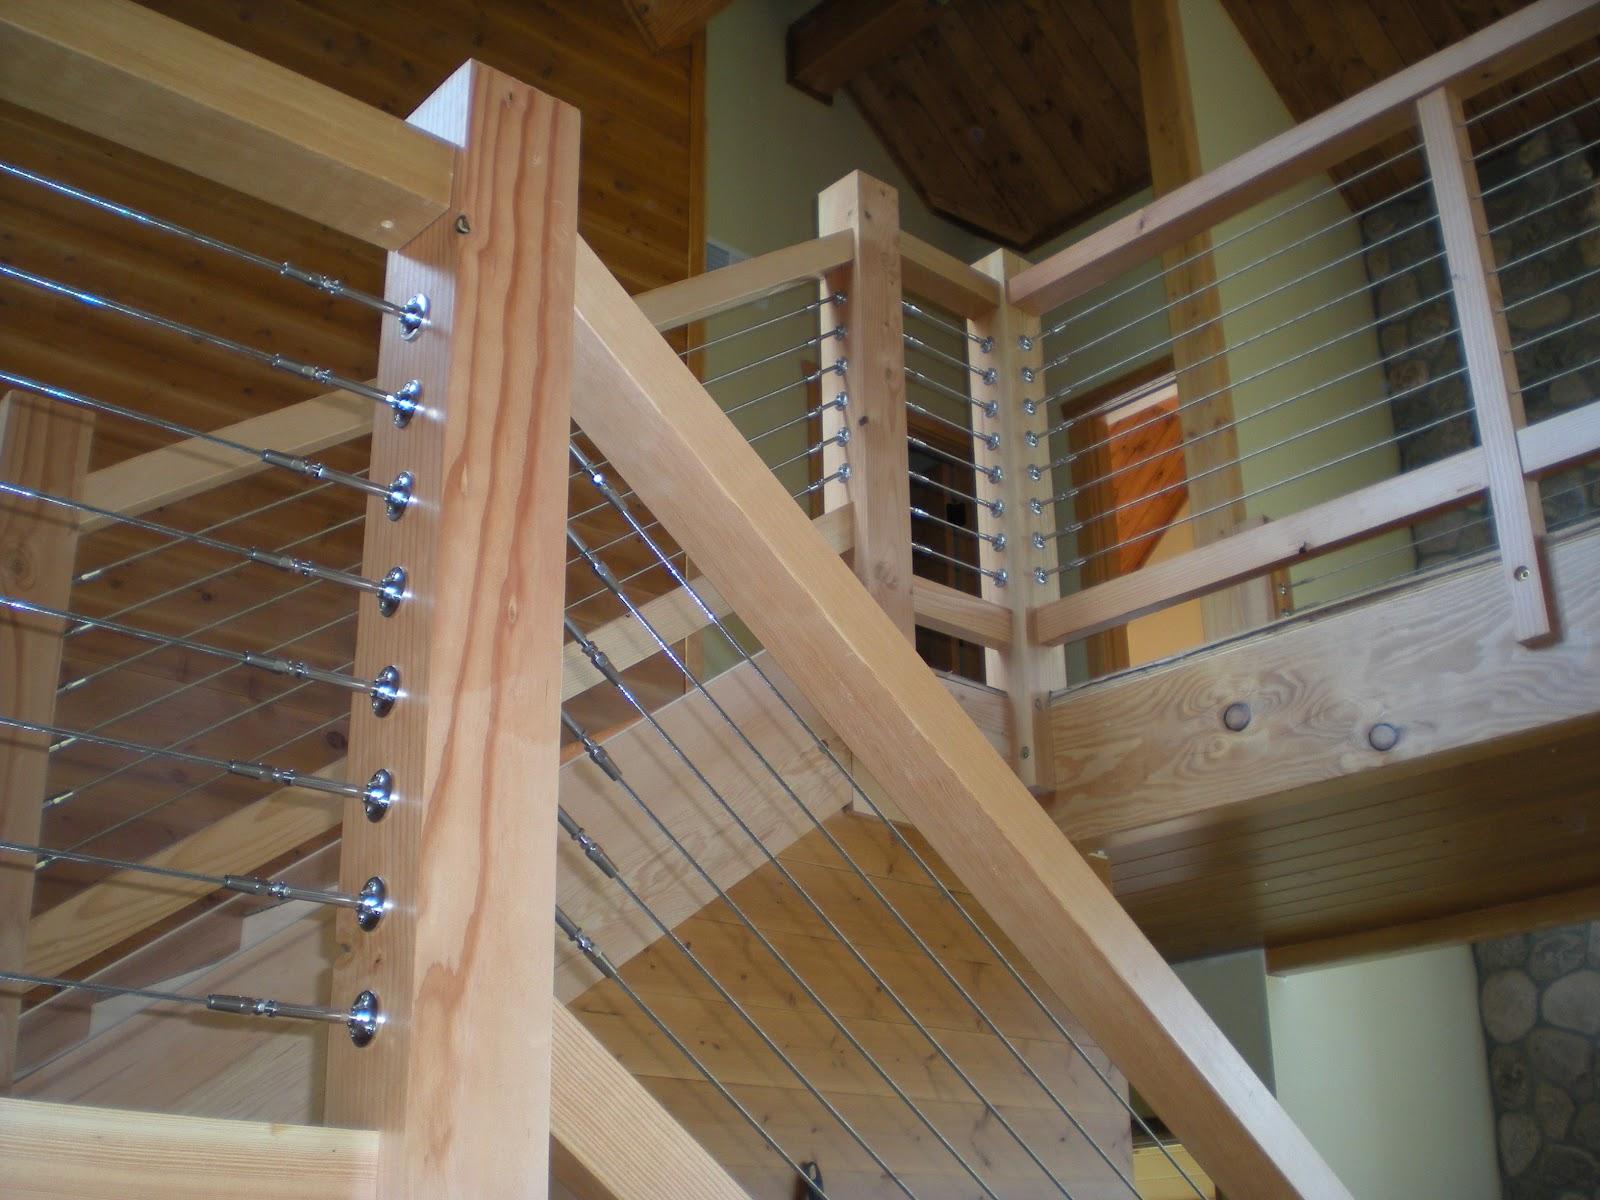 Stainless Steel Stair Railings   Joy Studio Design Gallery ...